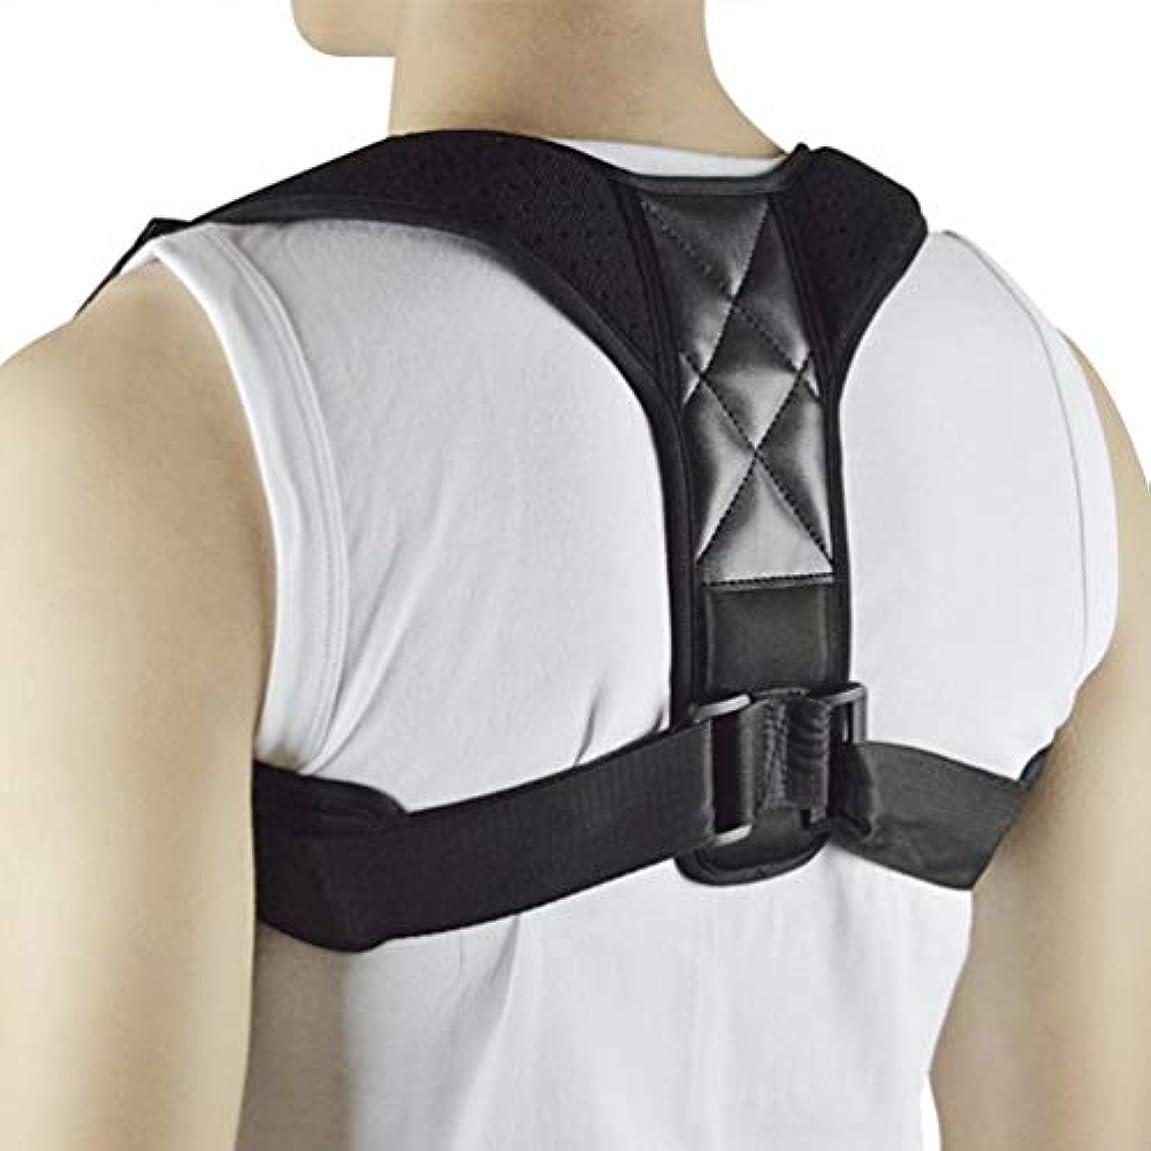 からフックスイングWT-C734ザトウクジラ矯正ベルト大人の脊椎背部固定子の背部矯正 - 多色アドバンス